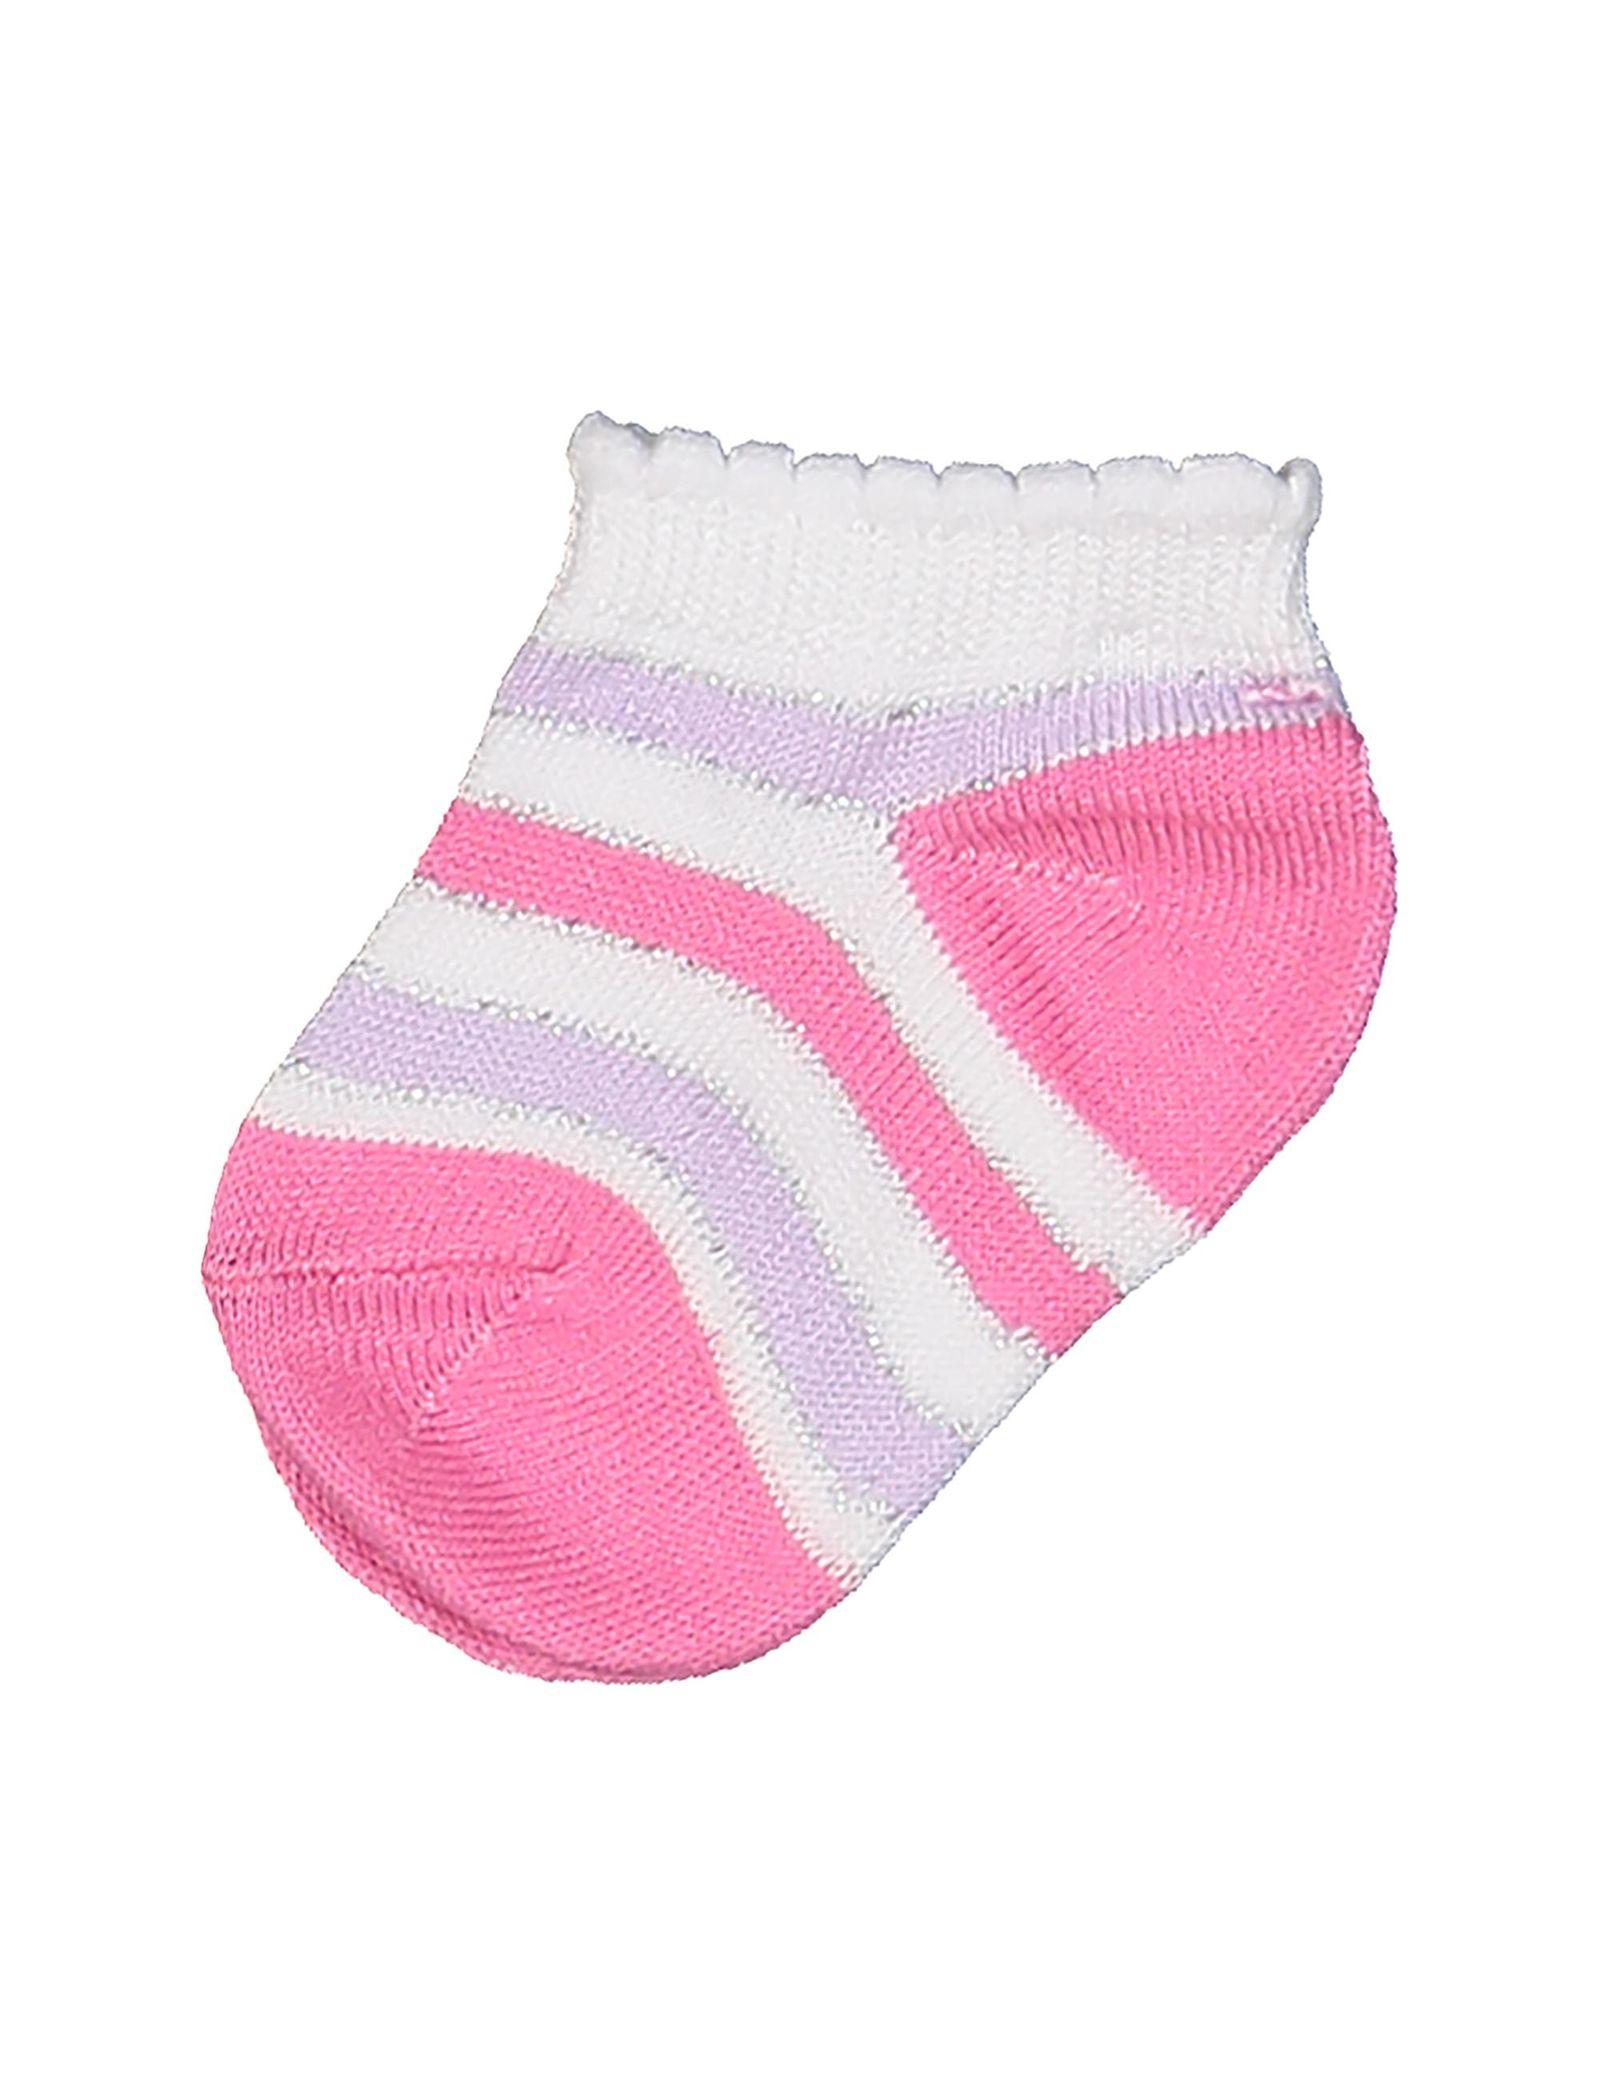 جوراب نخی نوزادی دخترانه بسته 3 عددی - بلوکیدز - بنفش و سفيد - 2